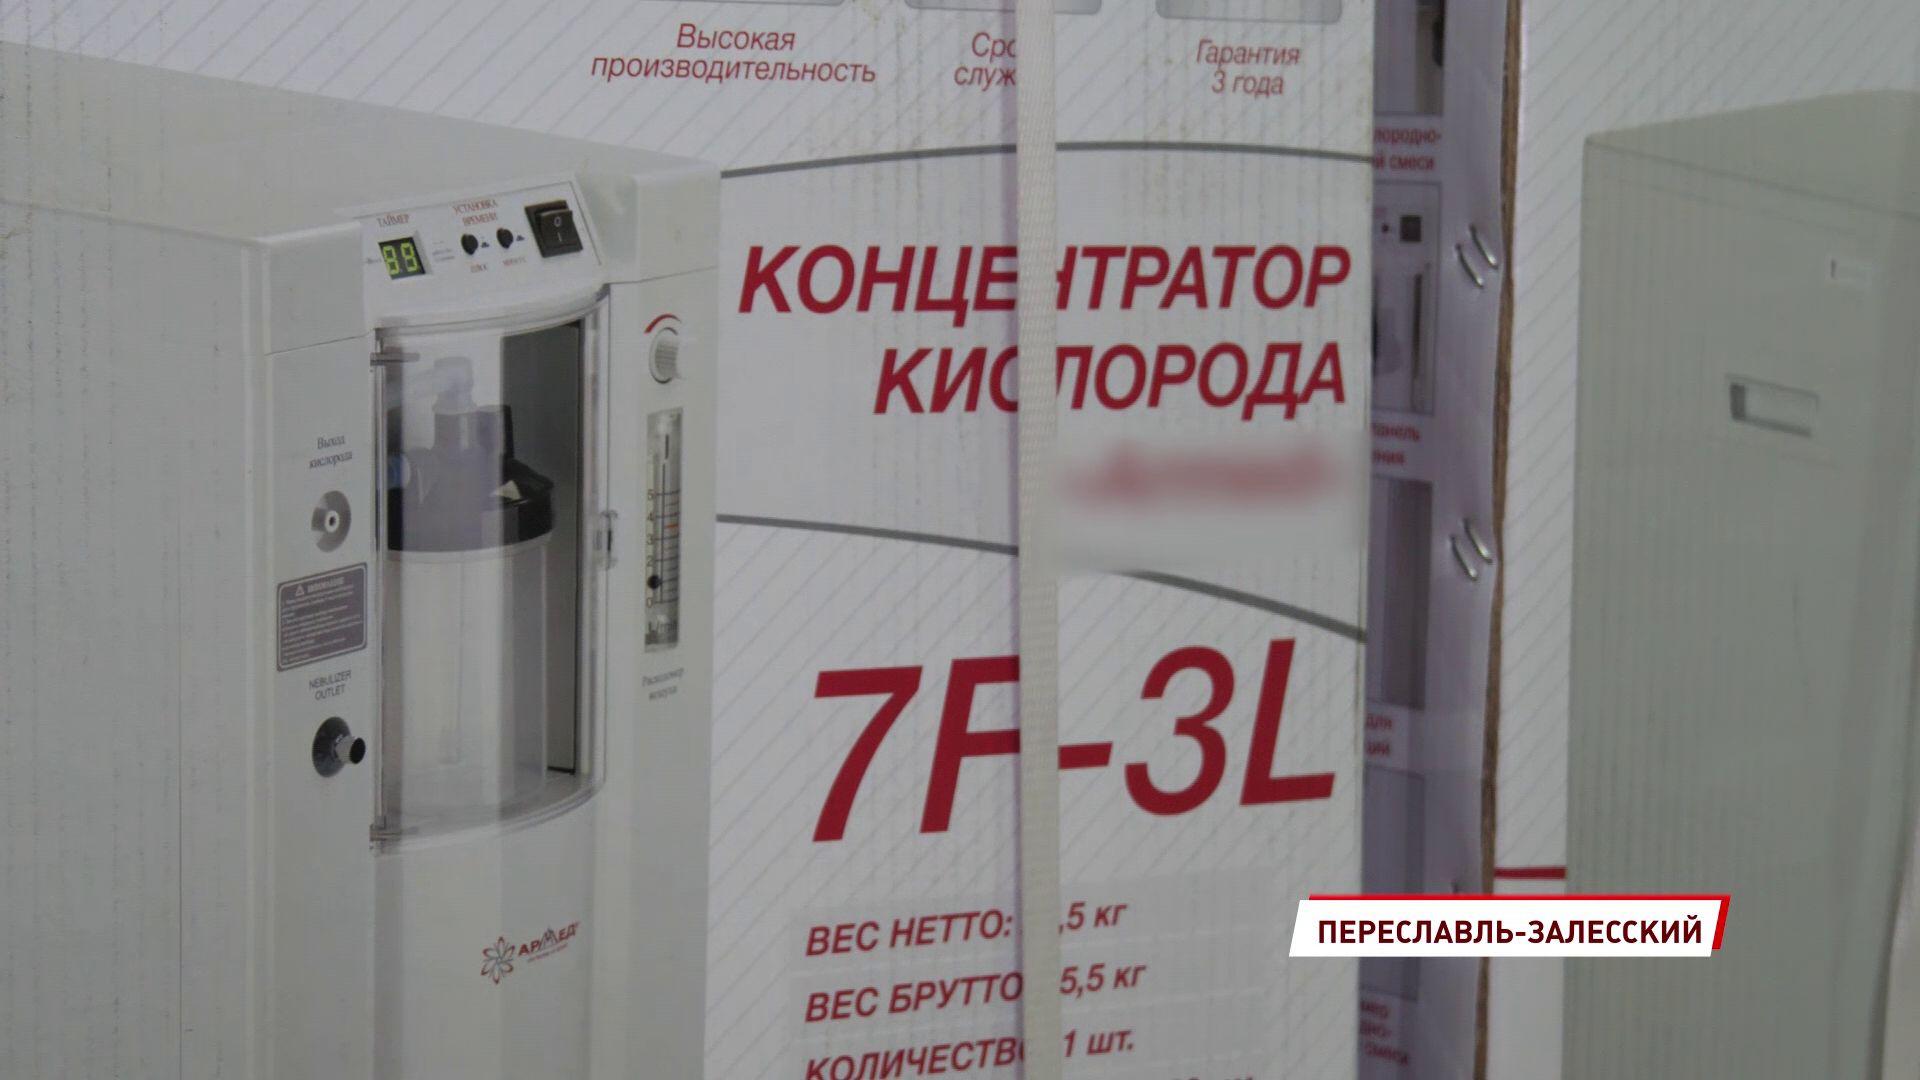 Переславская районная больница получила гуманитарную помощь